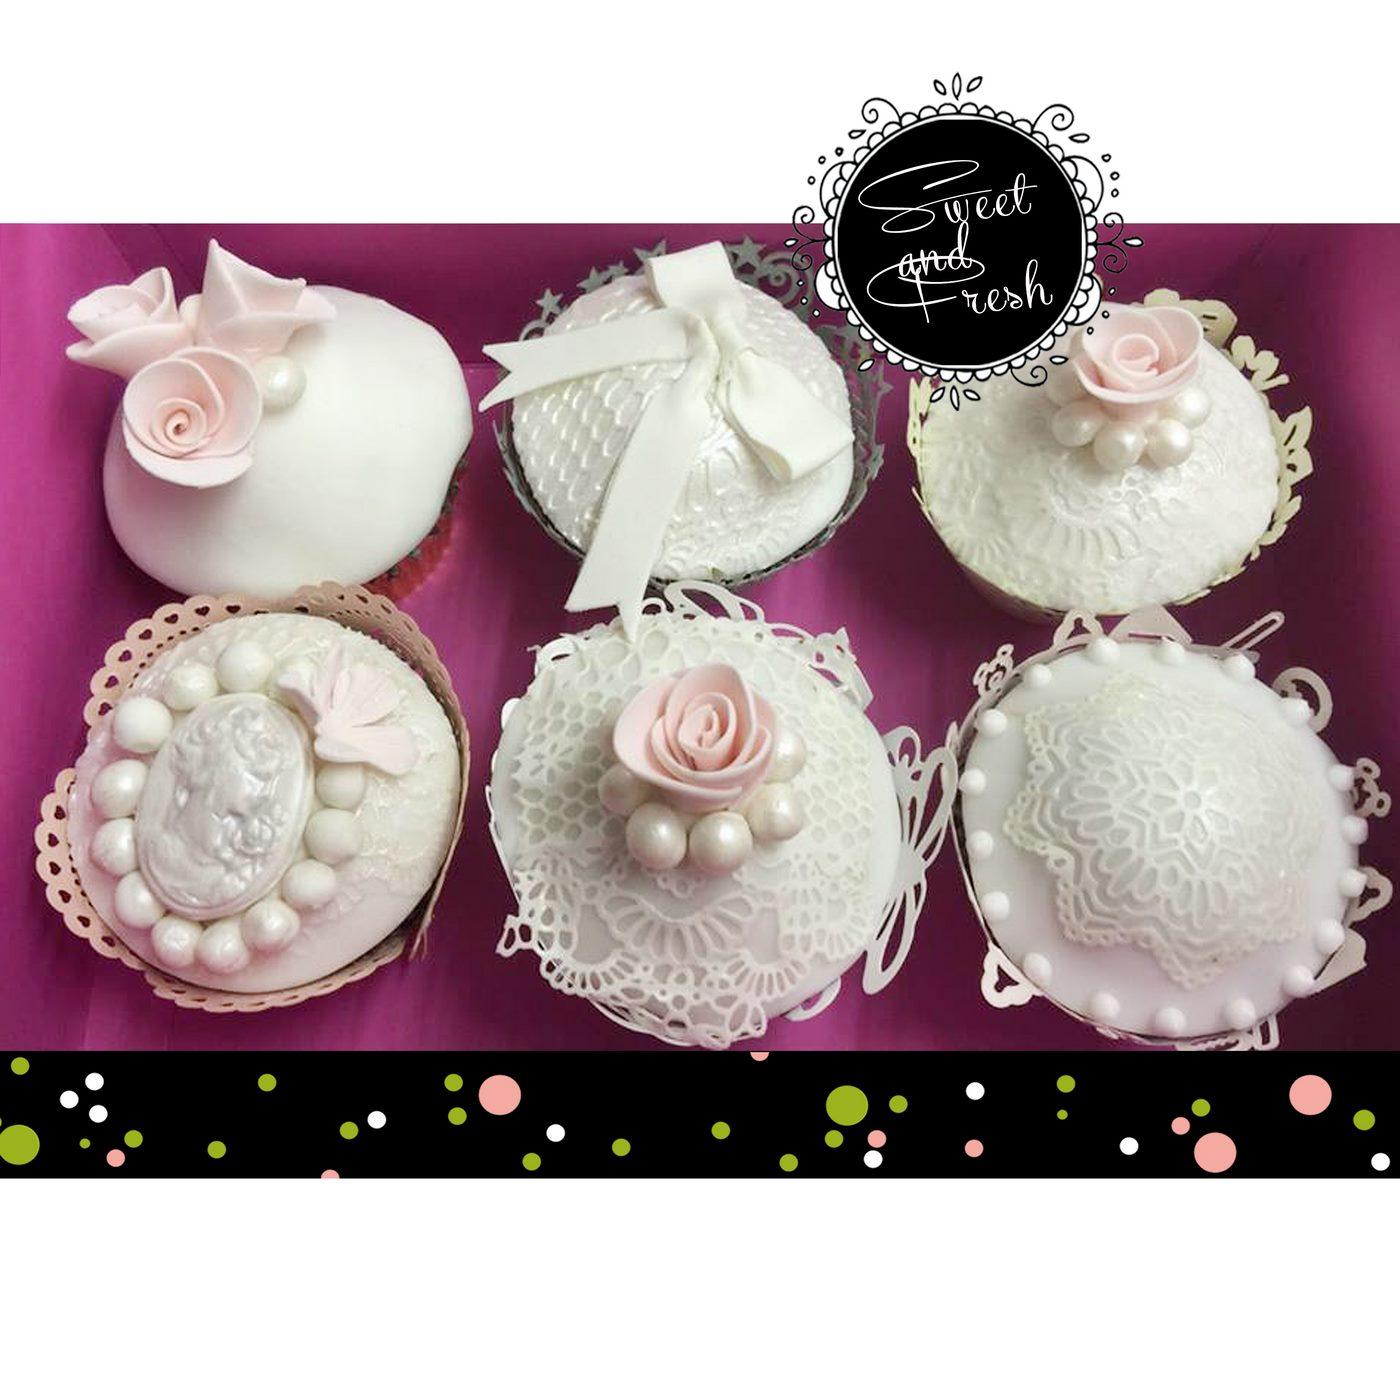 Cupcakes im Hochzeitsmotto